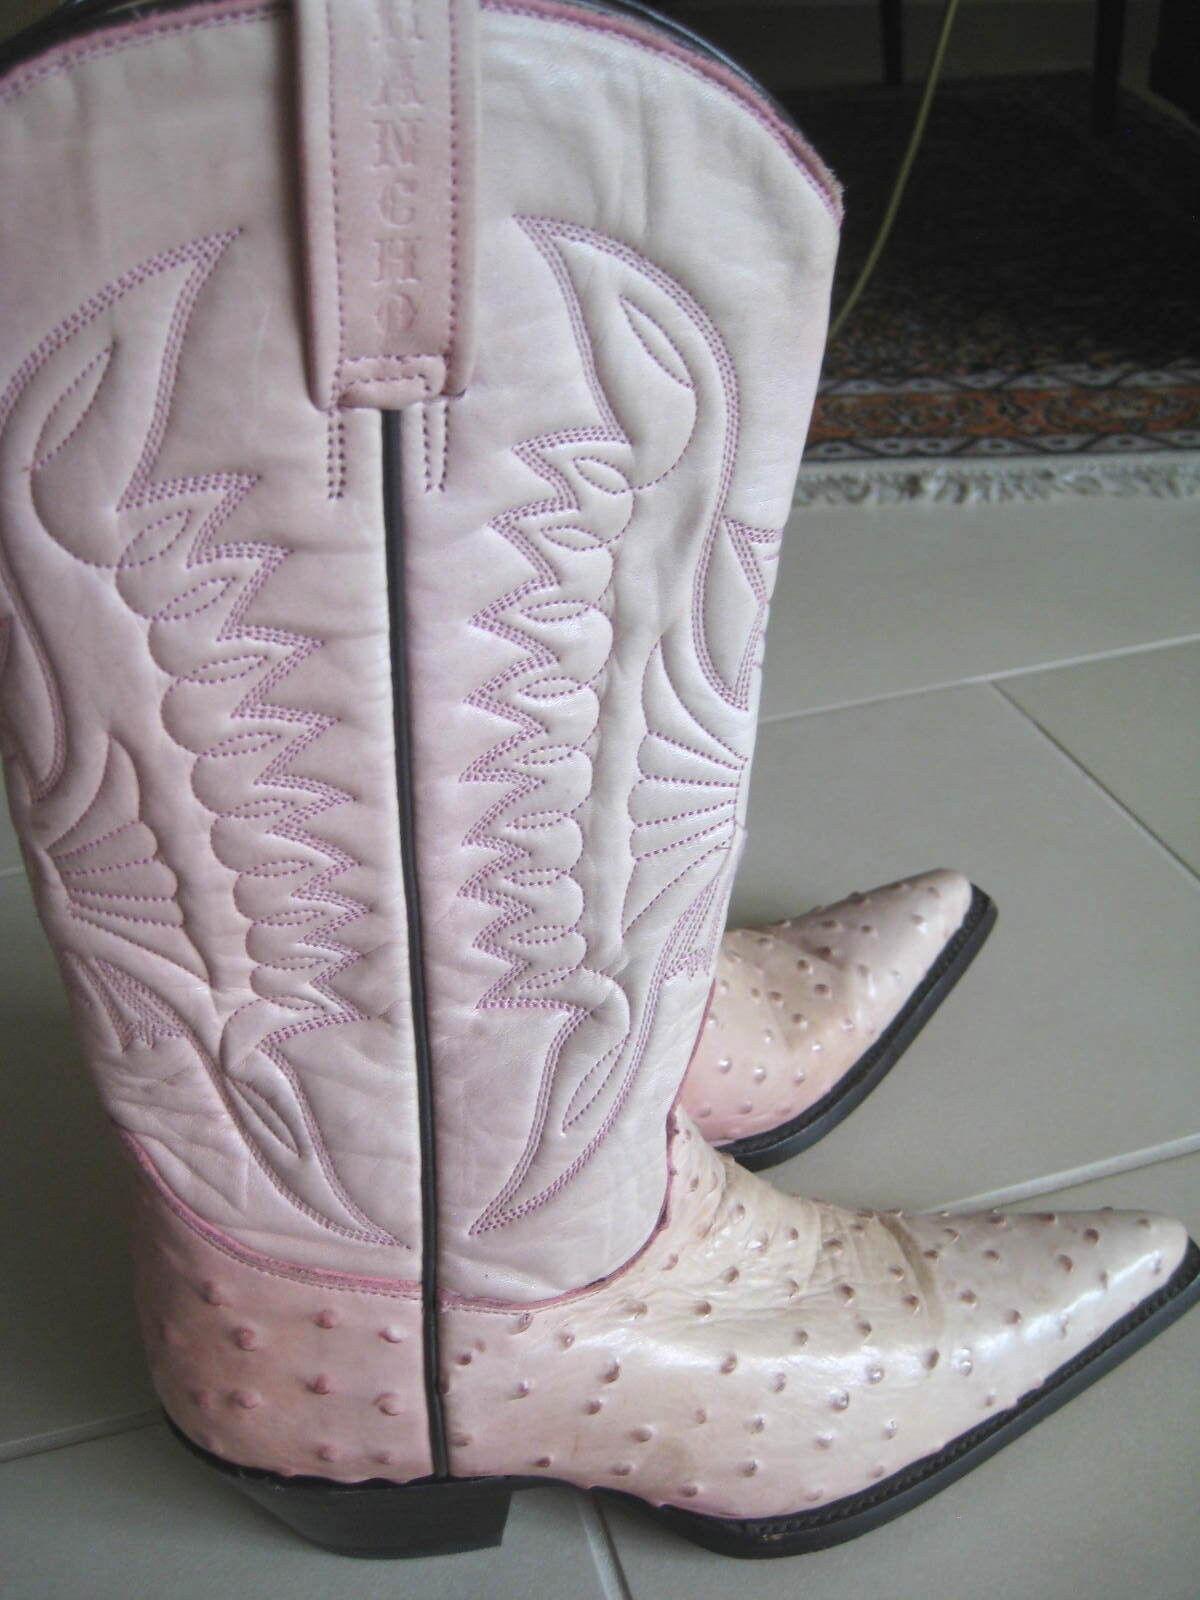 RANCHO Comfort Fine Line Westernstiefel / Stiefel Strauss rosa  Damen Gr. 37  NEU